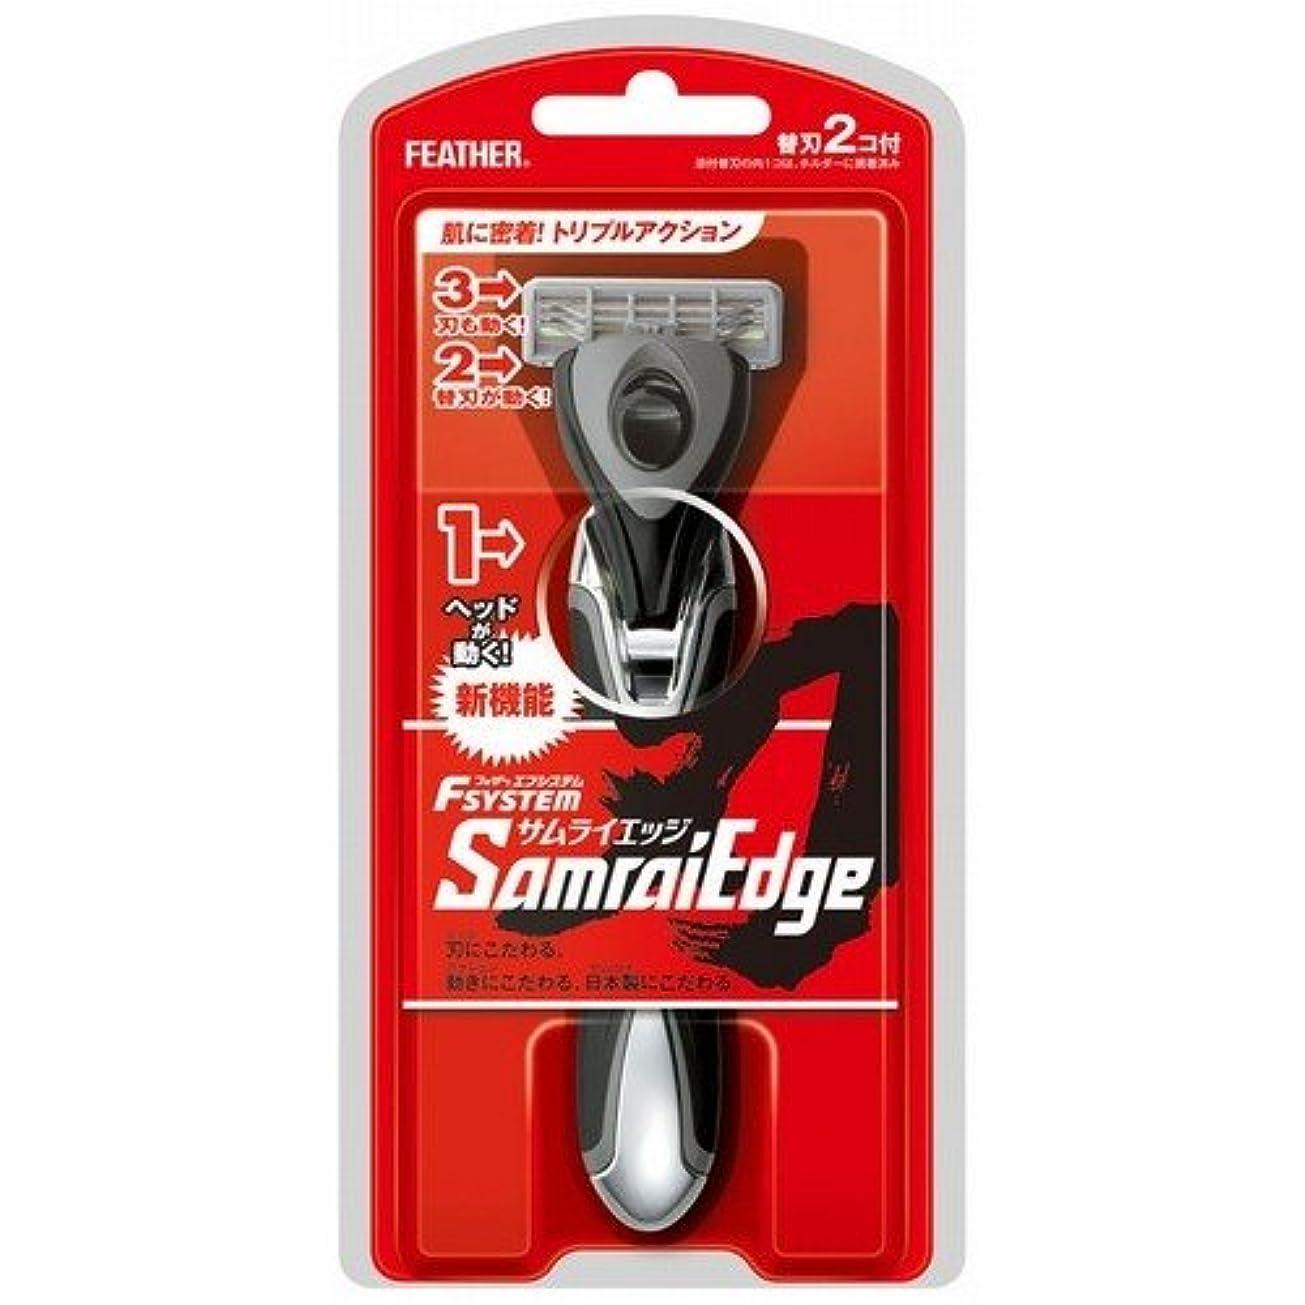 協力的拡声器修理工フェザー エフシステム サムライエッジ ホルダー 替刃2個付 (日本製)